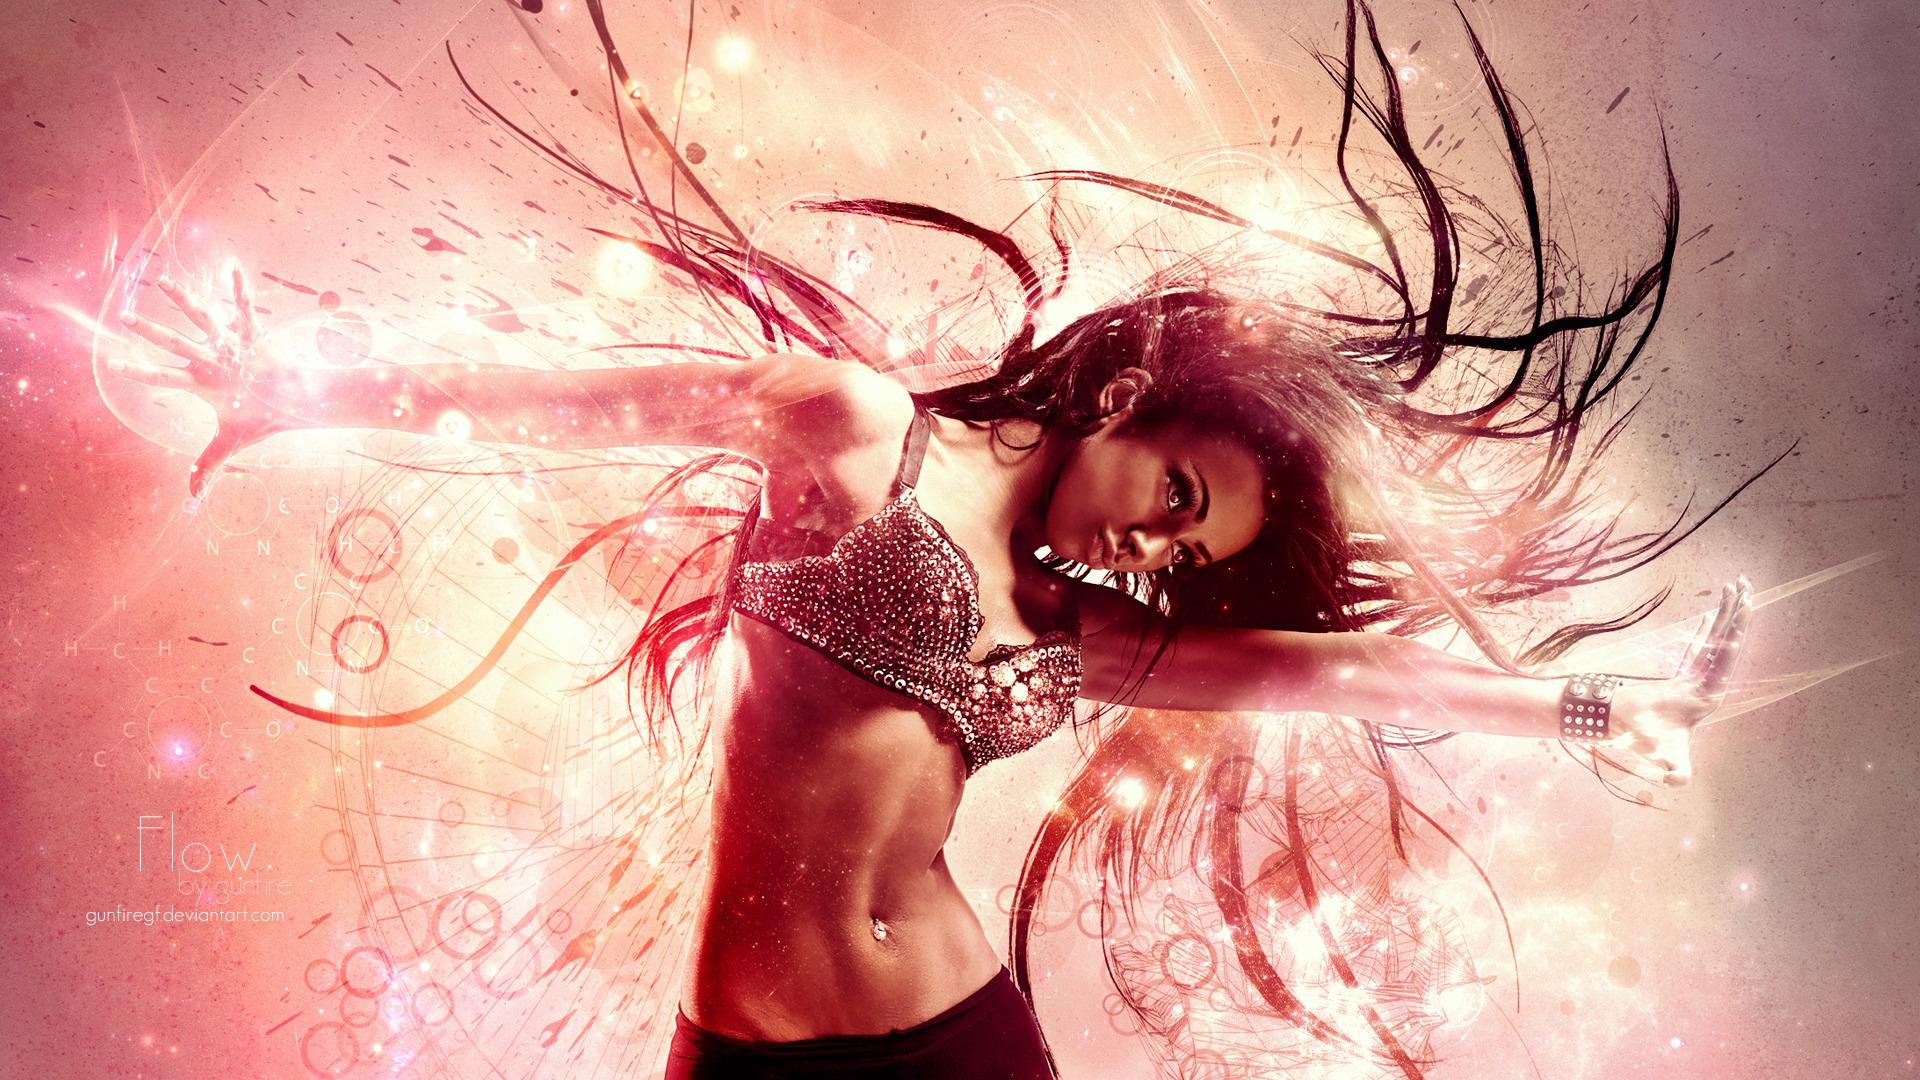 танец креативное dance creative  № 3510379 загрузить